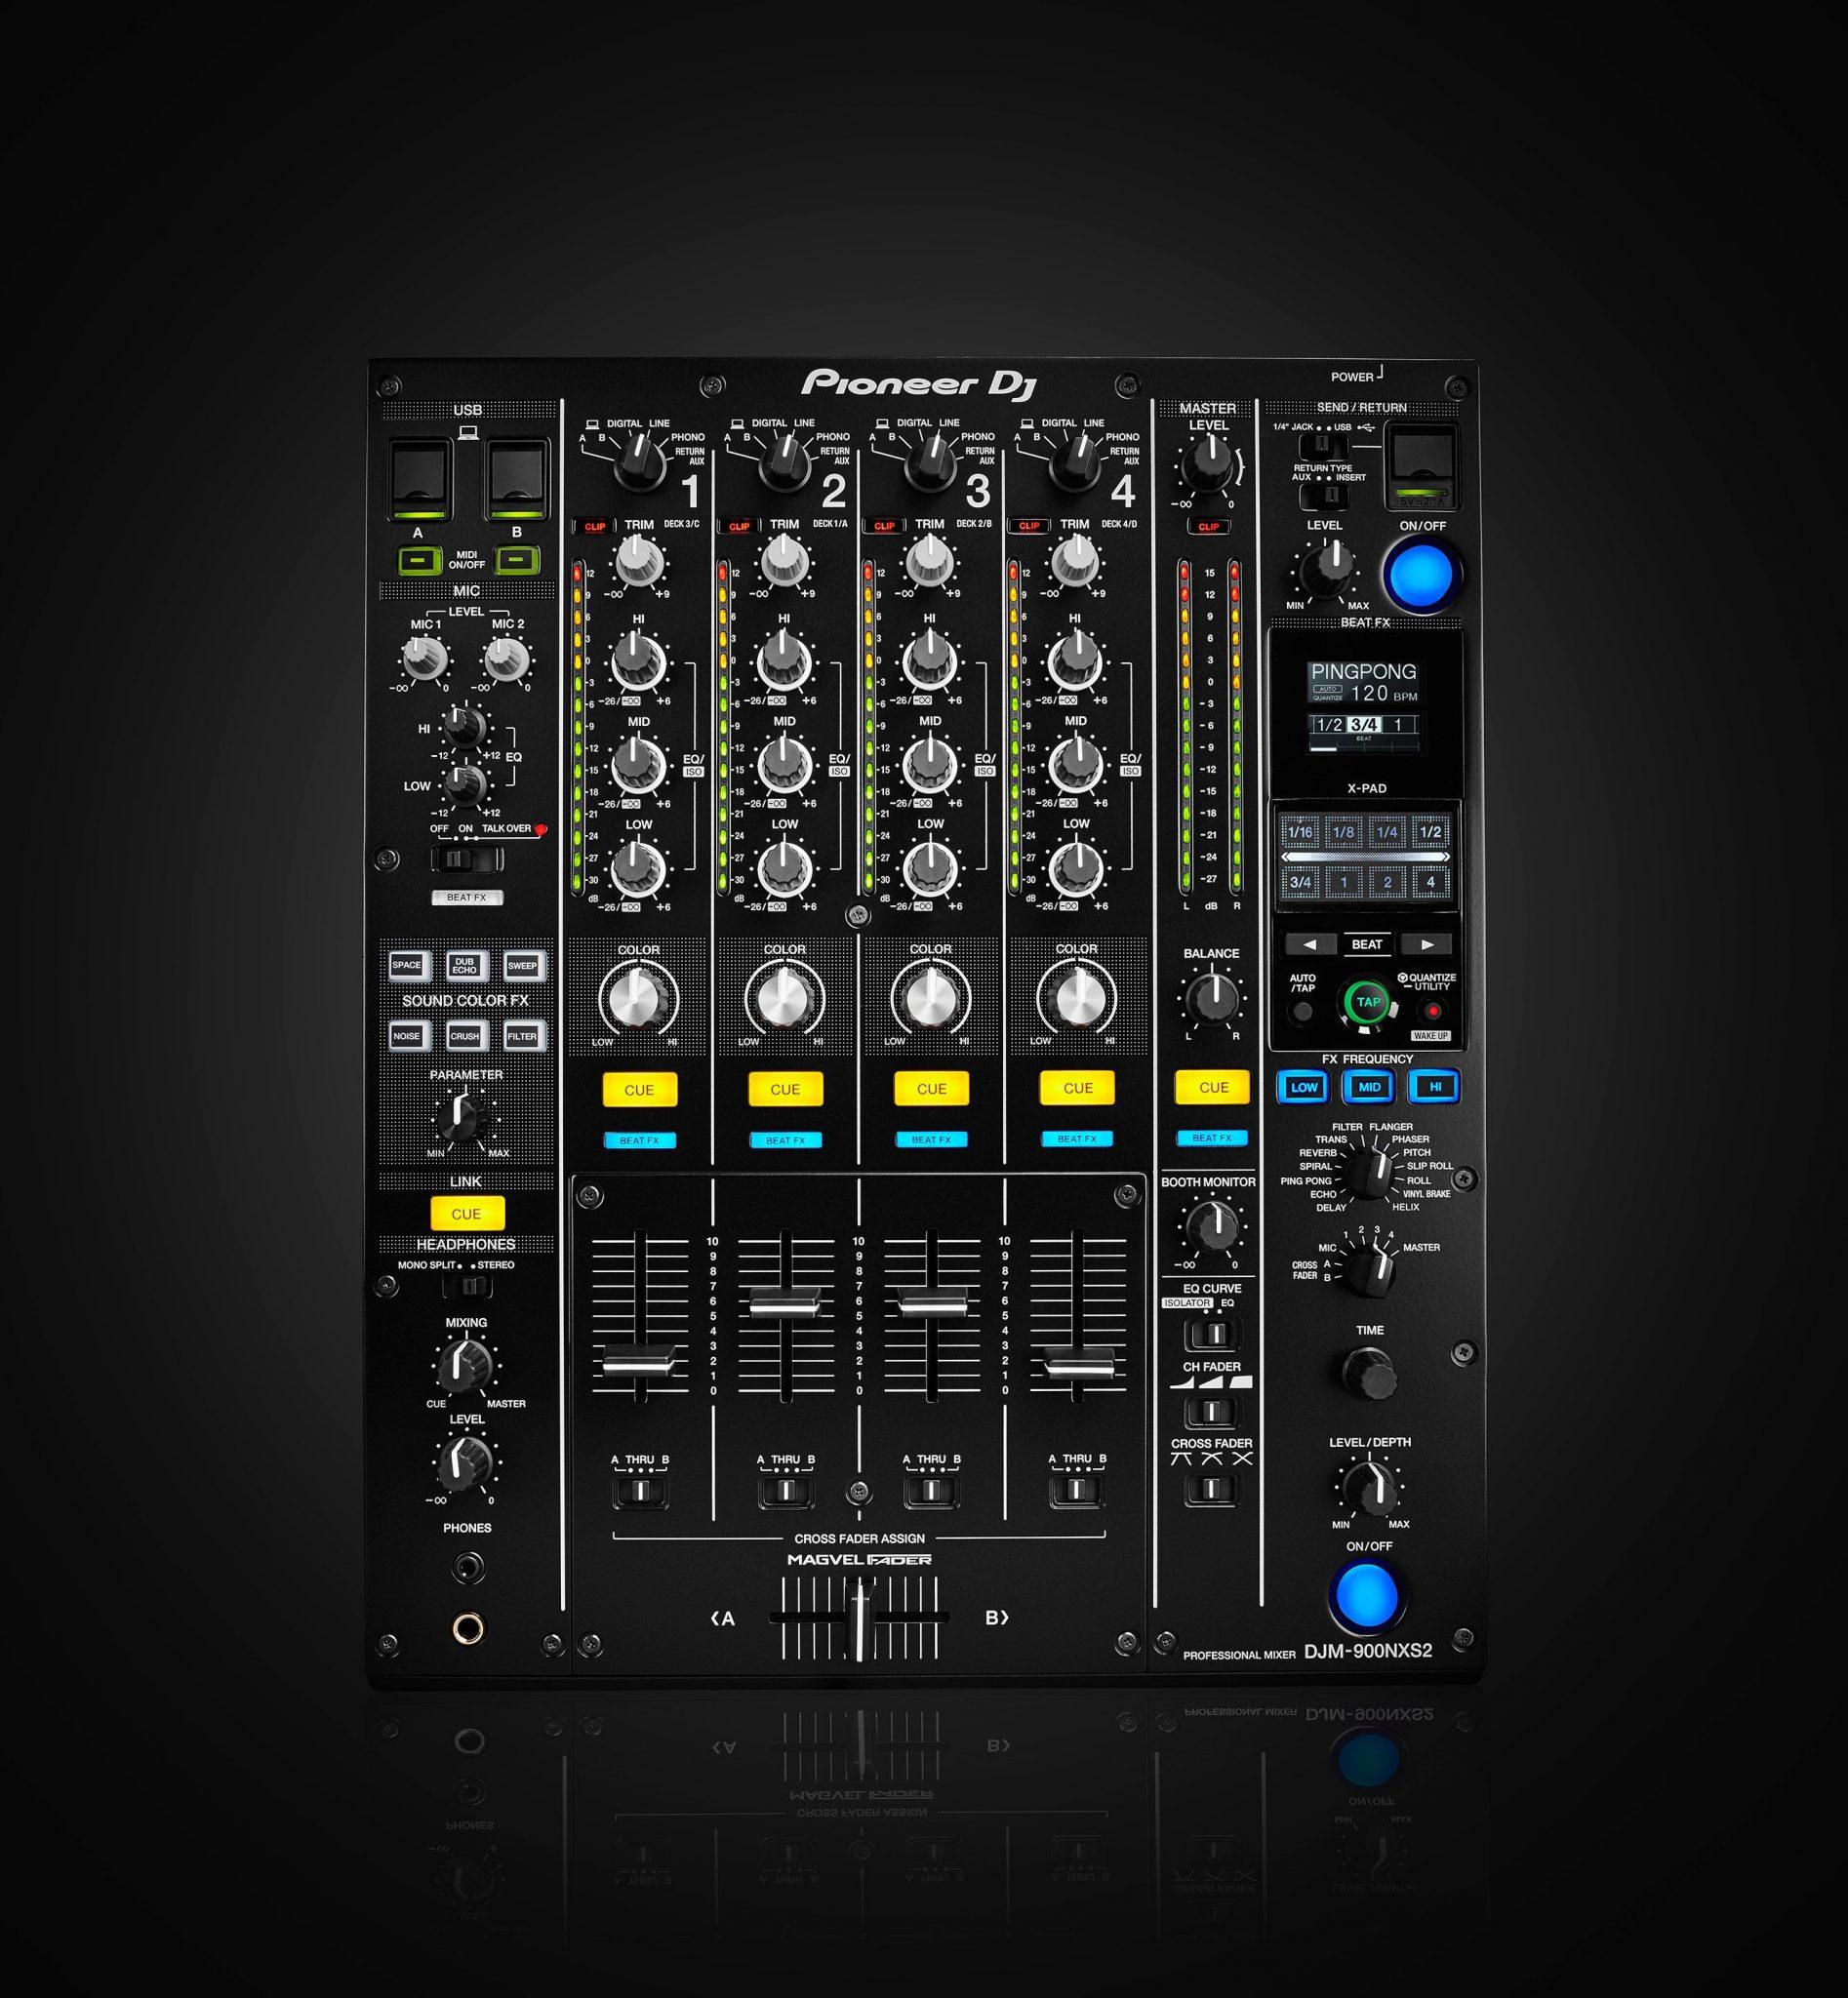 Pioneer DJ DJM-900NXS2 CDJ-2000NXS2 (2)